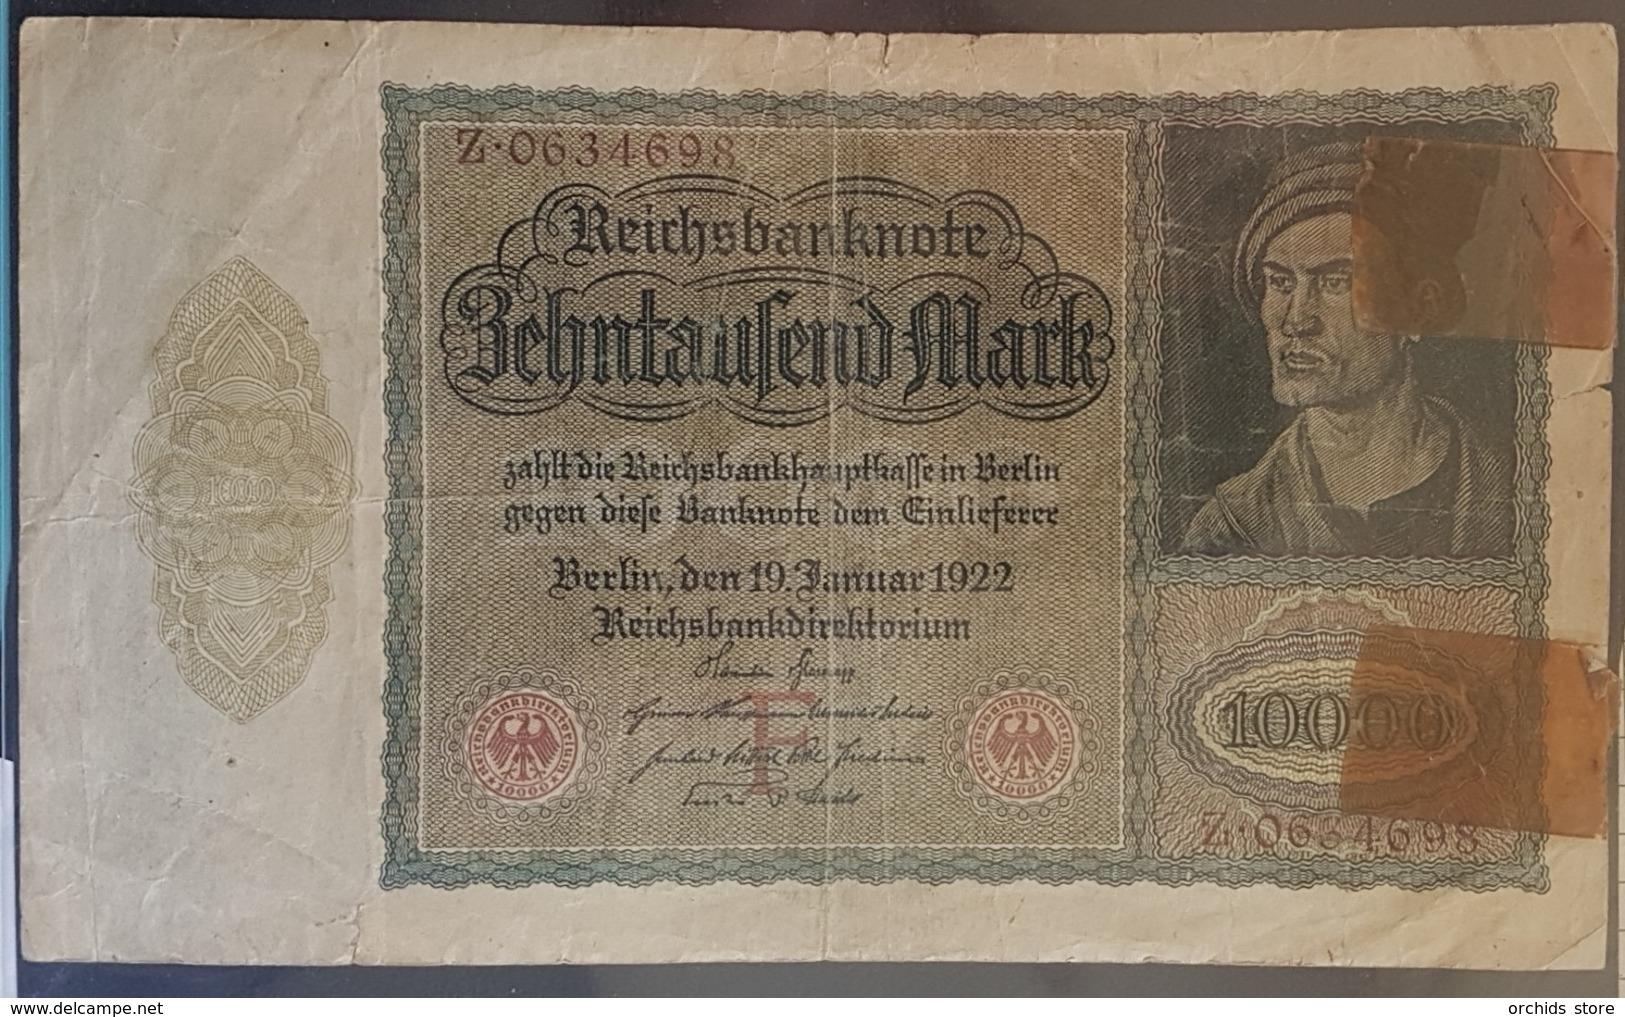 EBN7 - Germany 1922 Banknote 10000 Mark Pick 70 #Z.0634698 - 10000 Mark